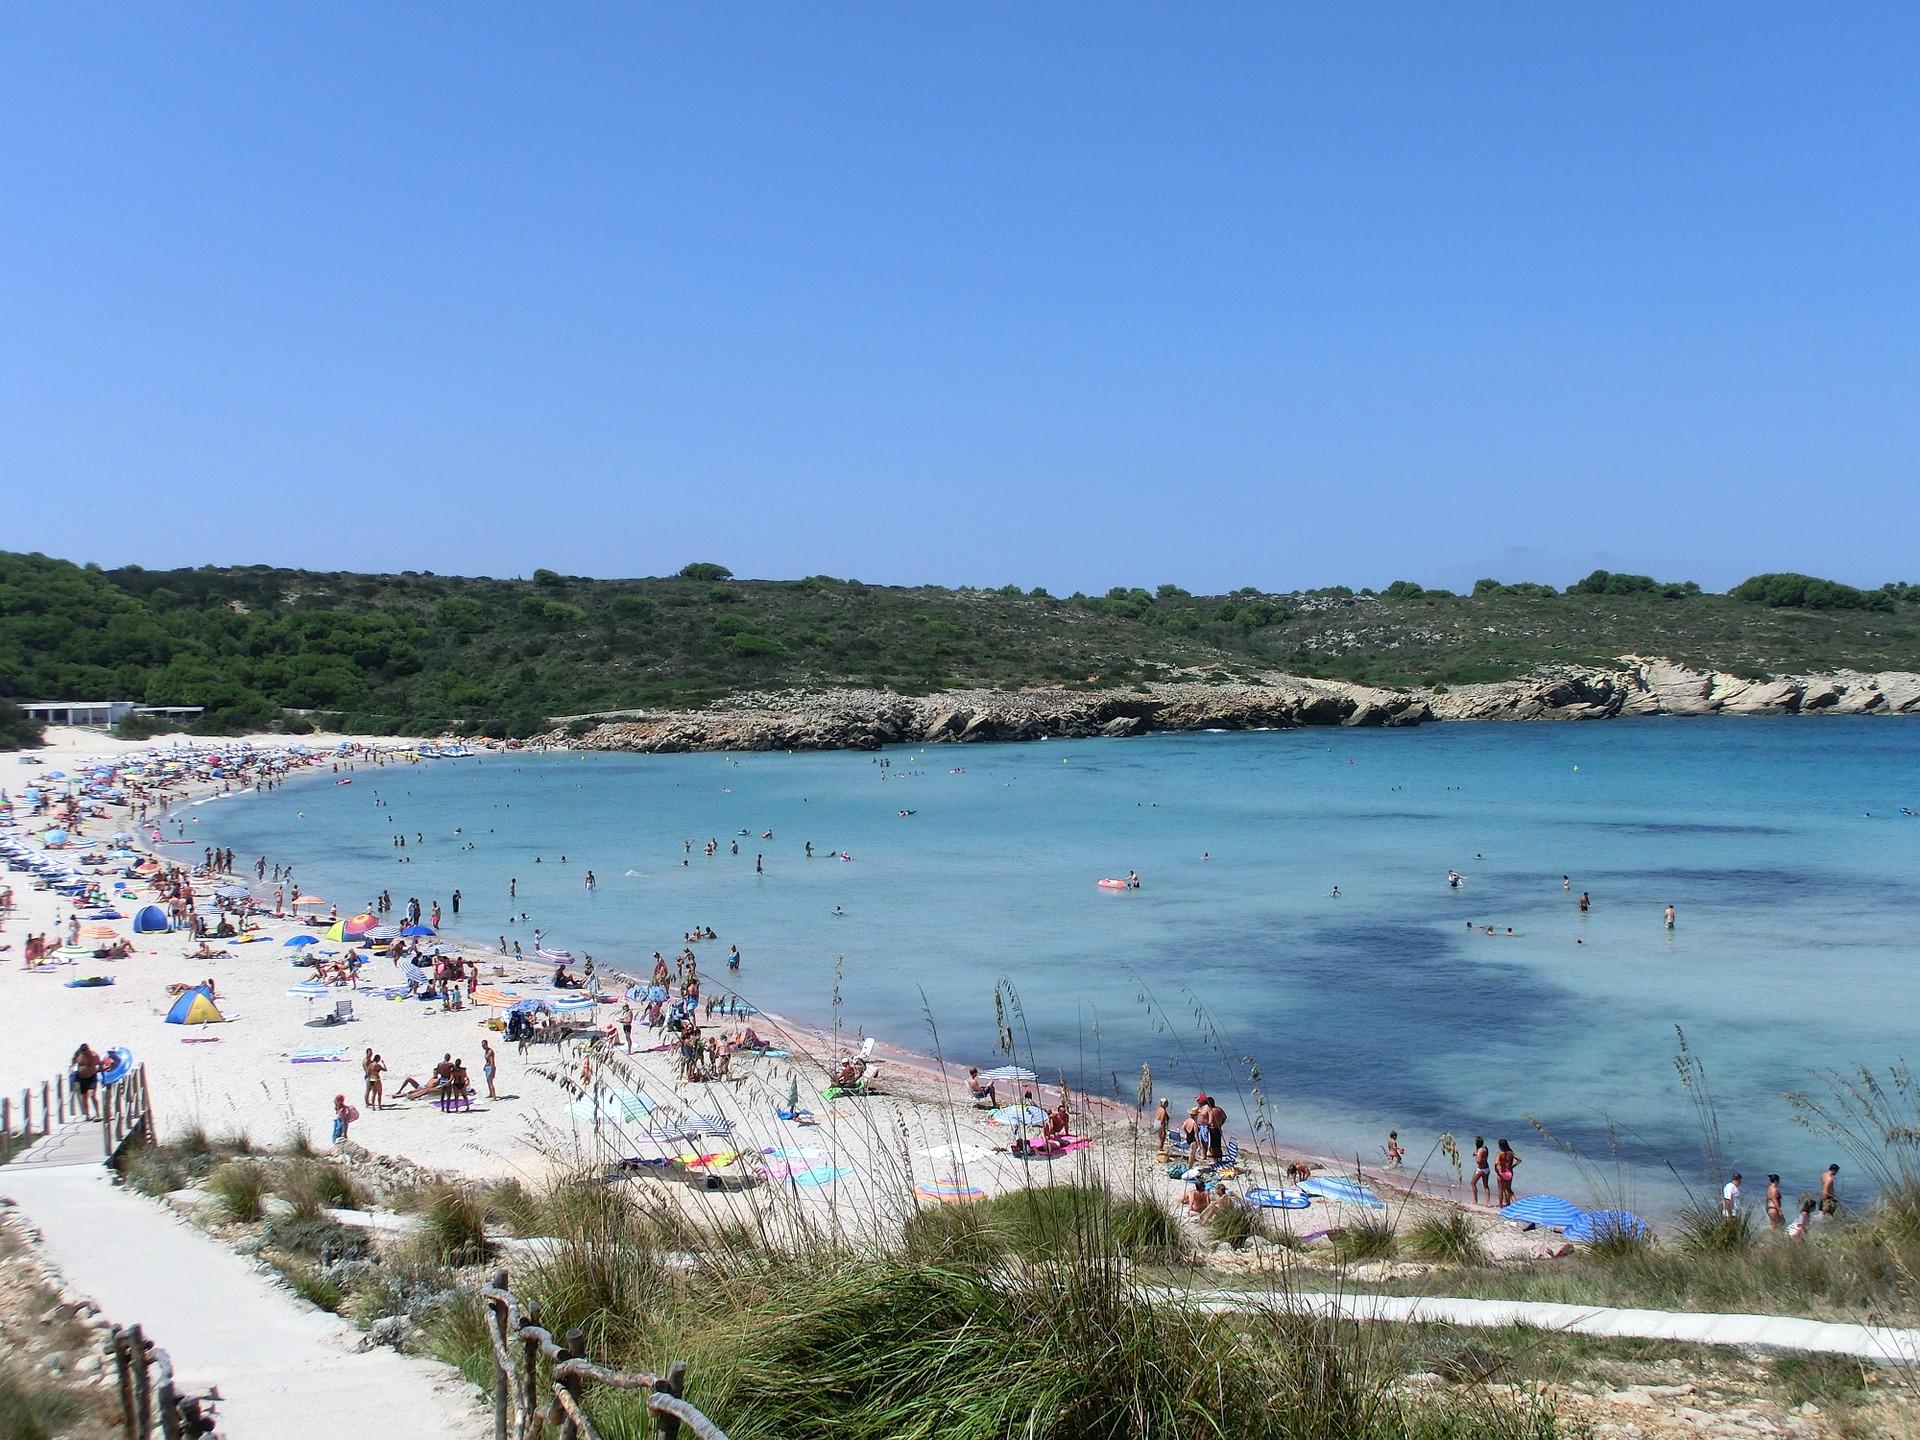 Menorca Urlaub - eine Woche ab 190,80€ günstig Pauschalreisen